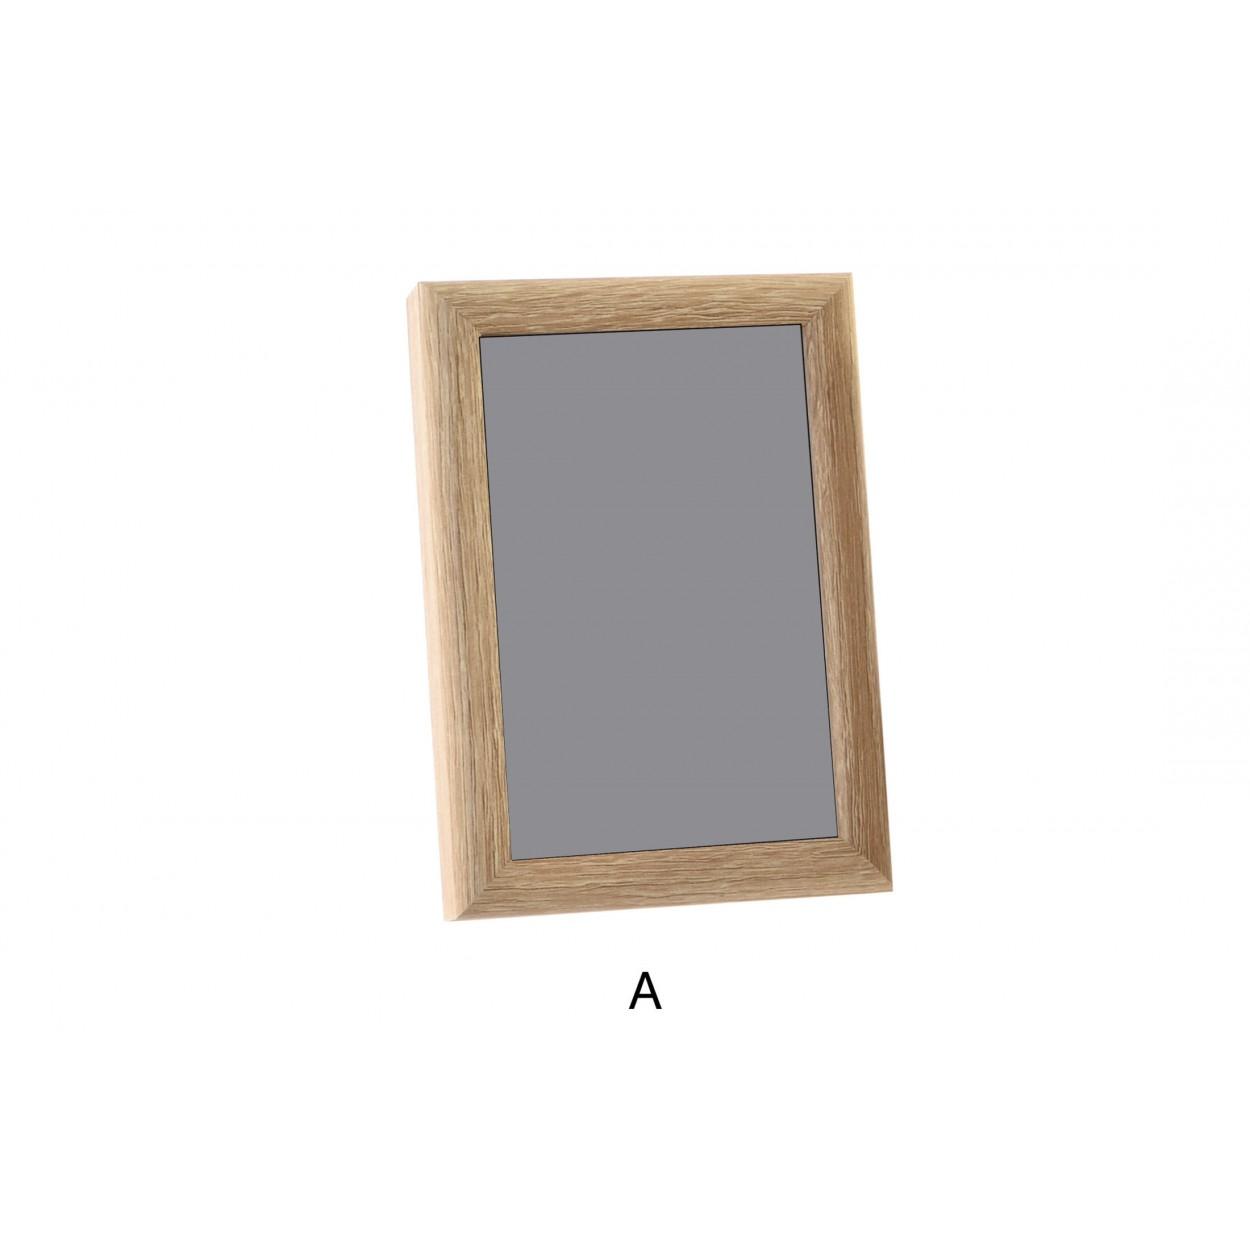 Hogar y m s marco de fotos de madera 3 tonos hogar y m s - Marcos fotos madera ...